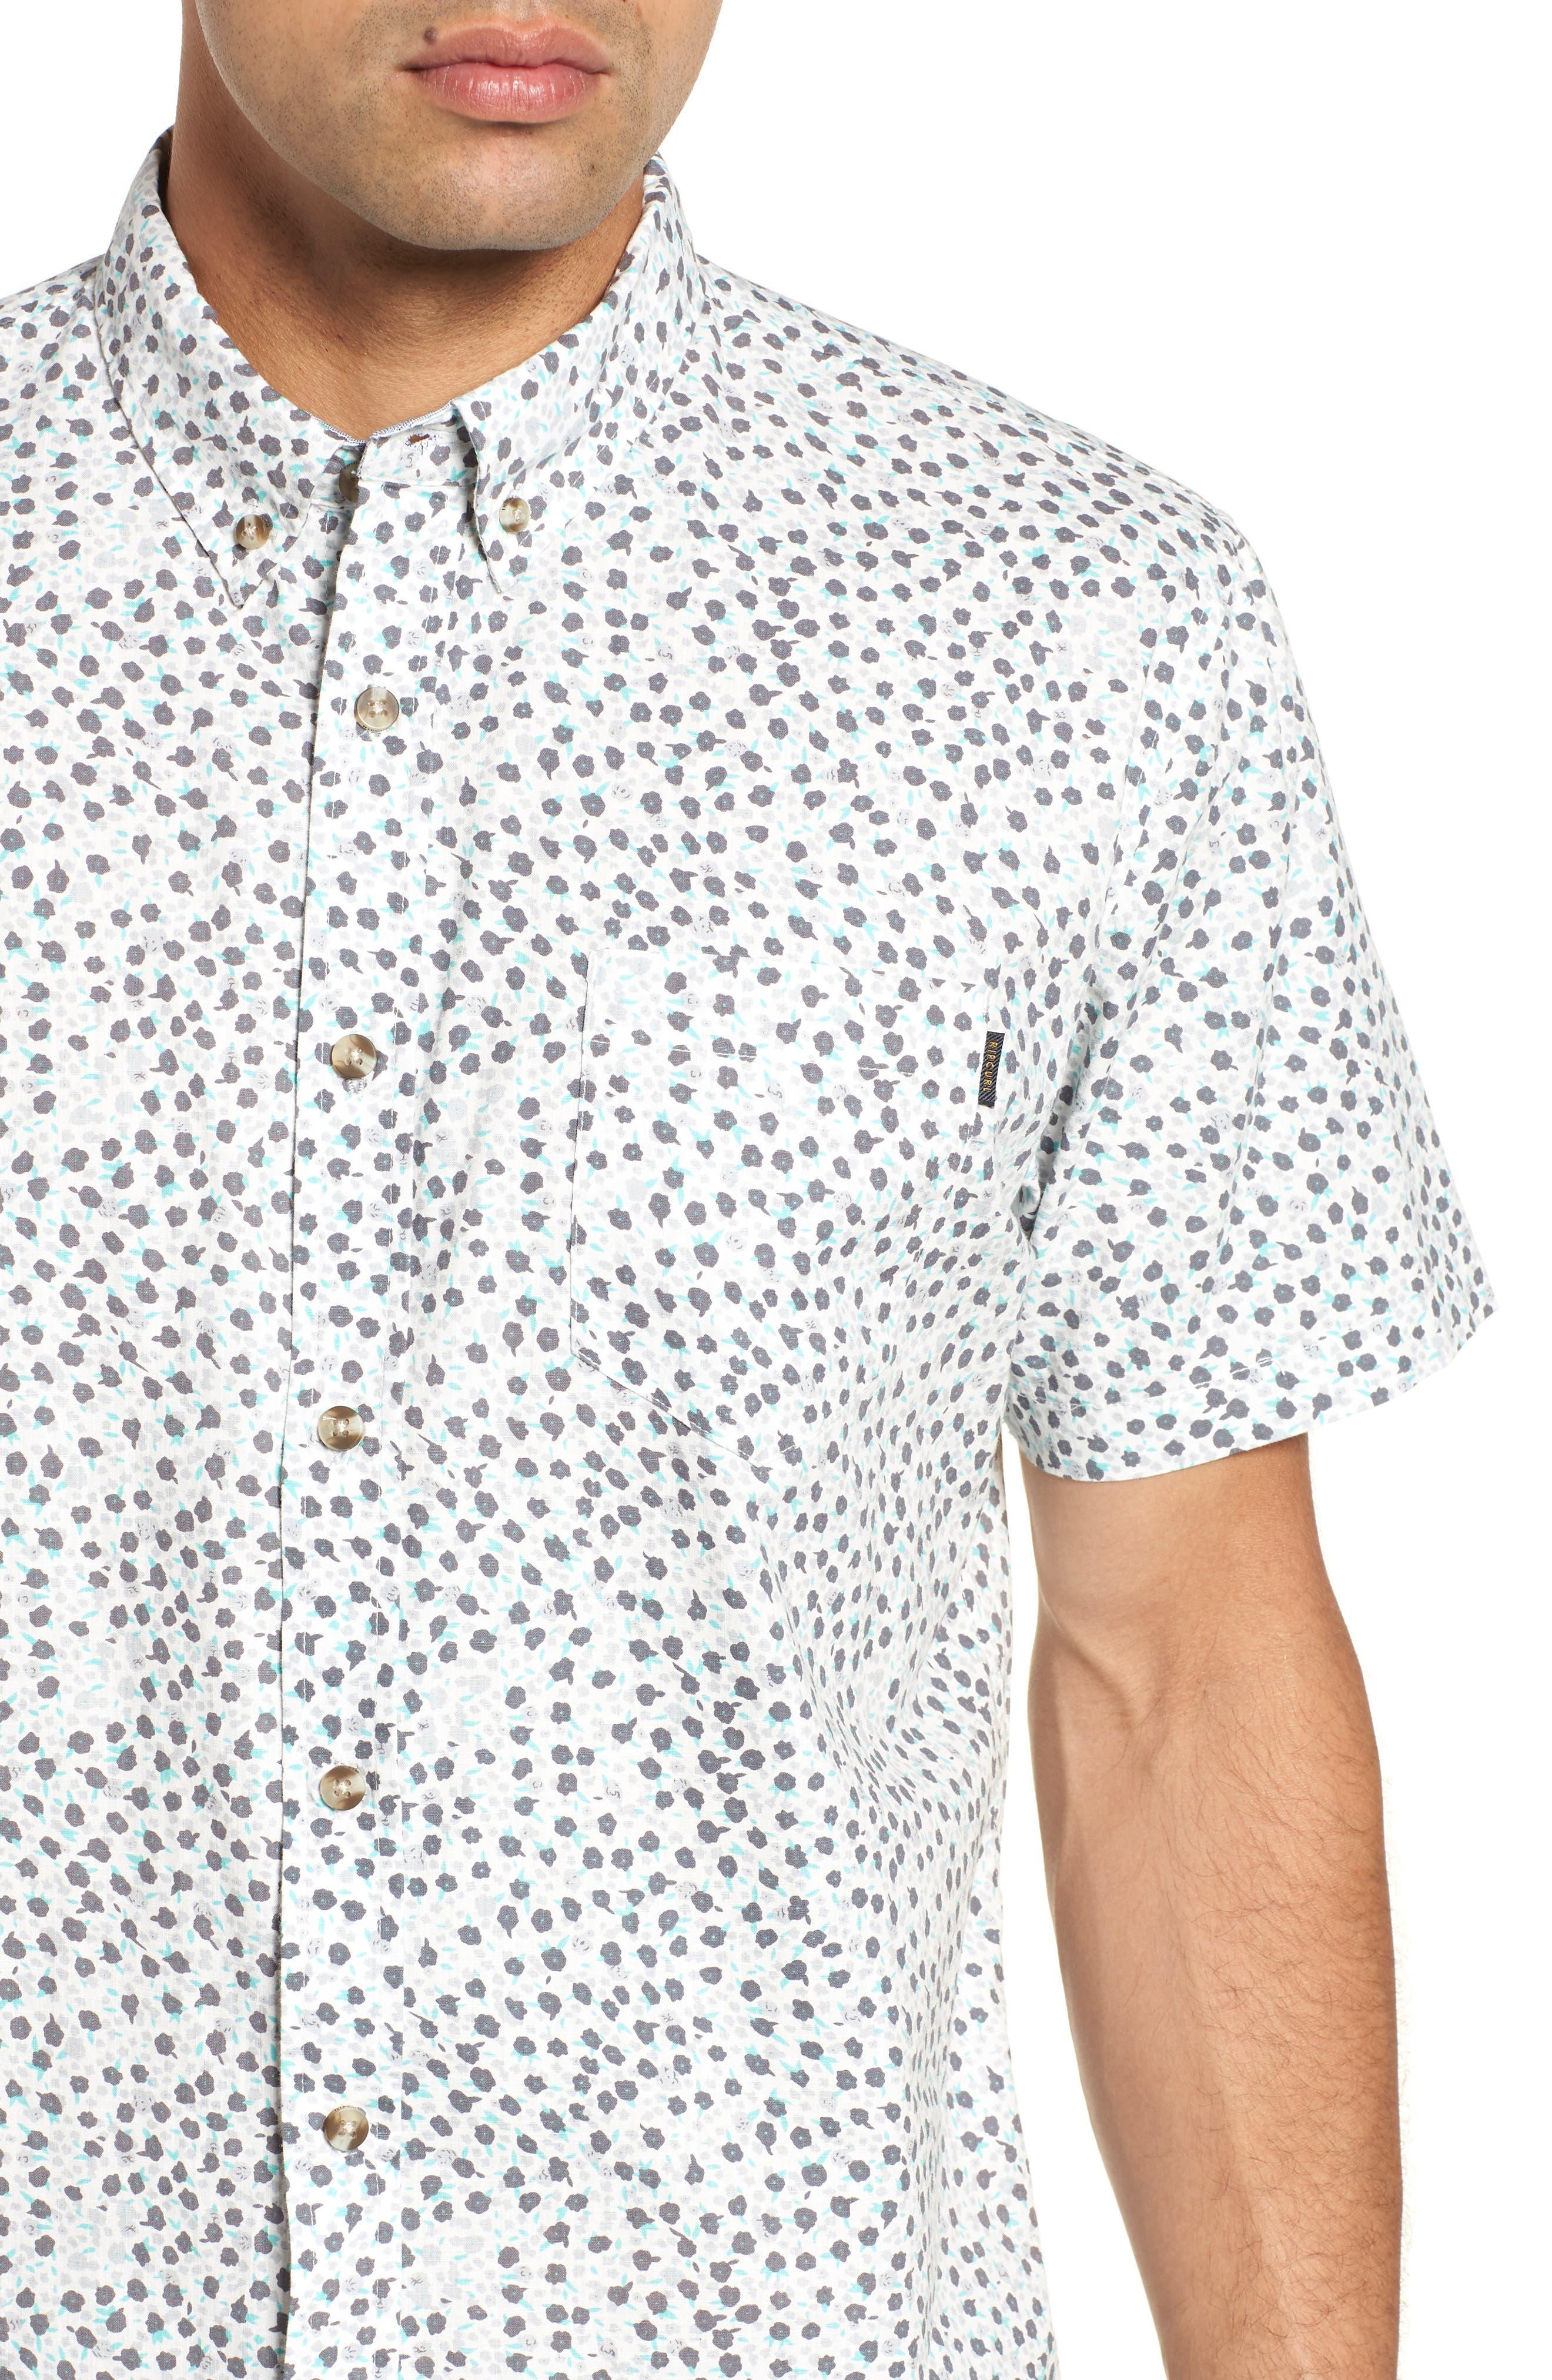 El Mirador Woven Shirt,                             Alternate thumbnail 4, color,                             Off White